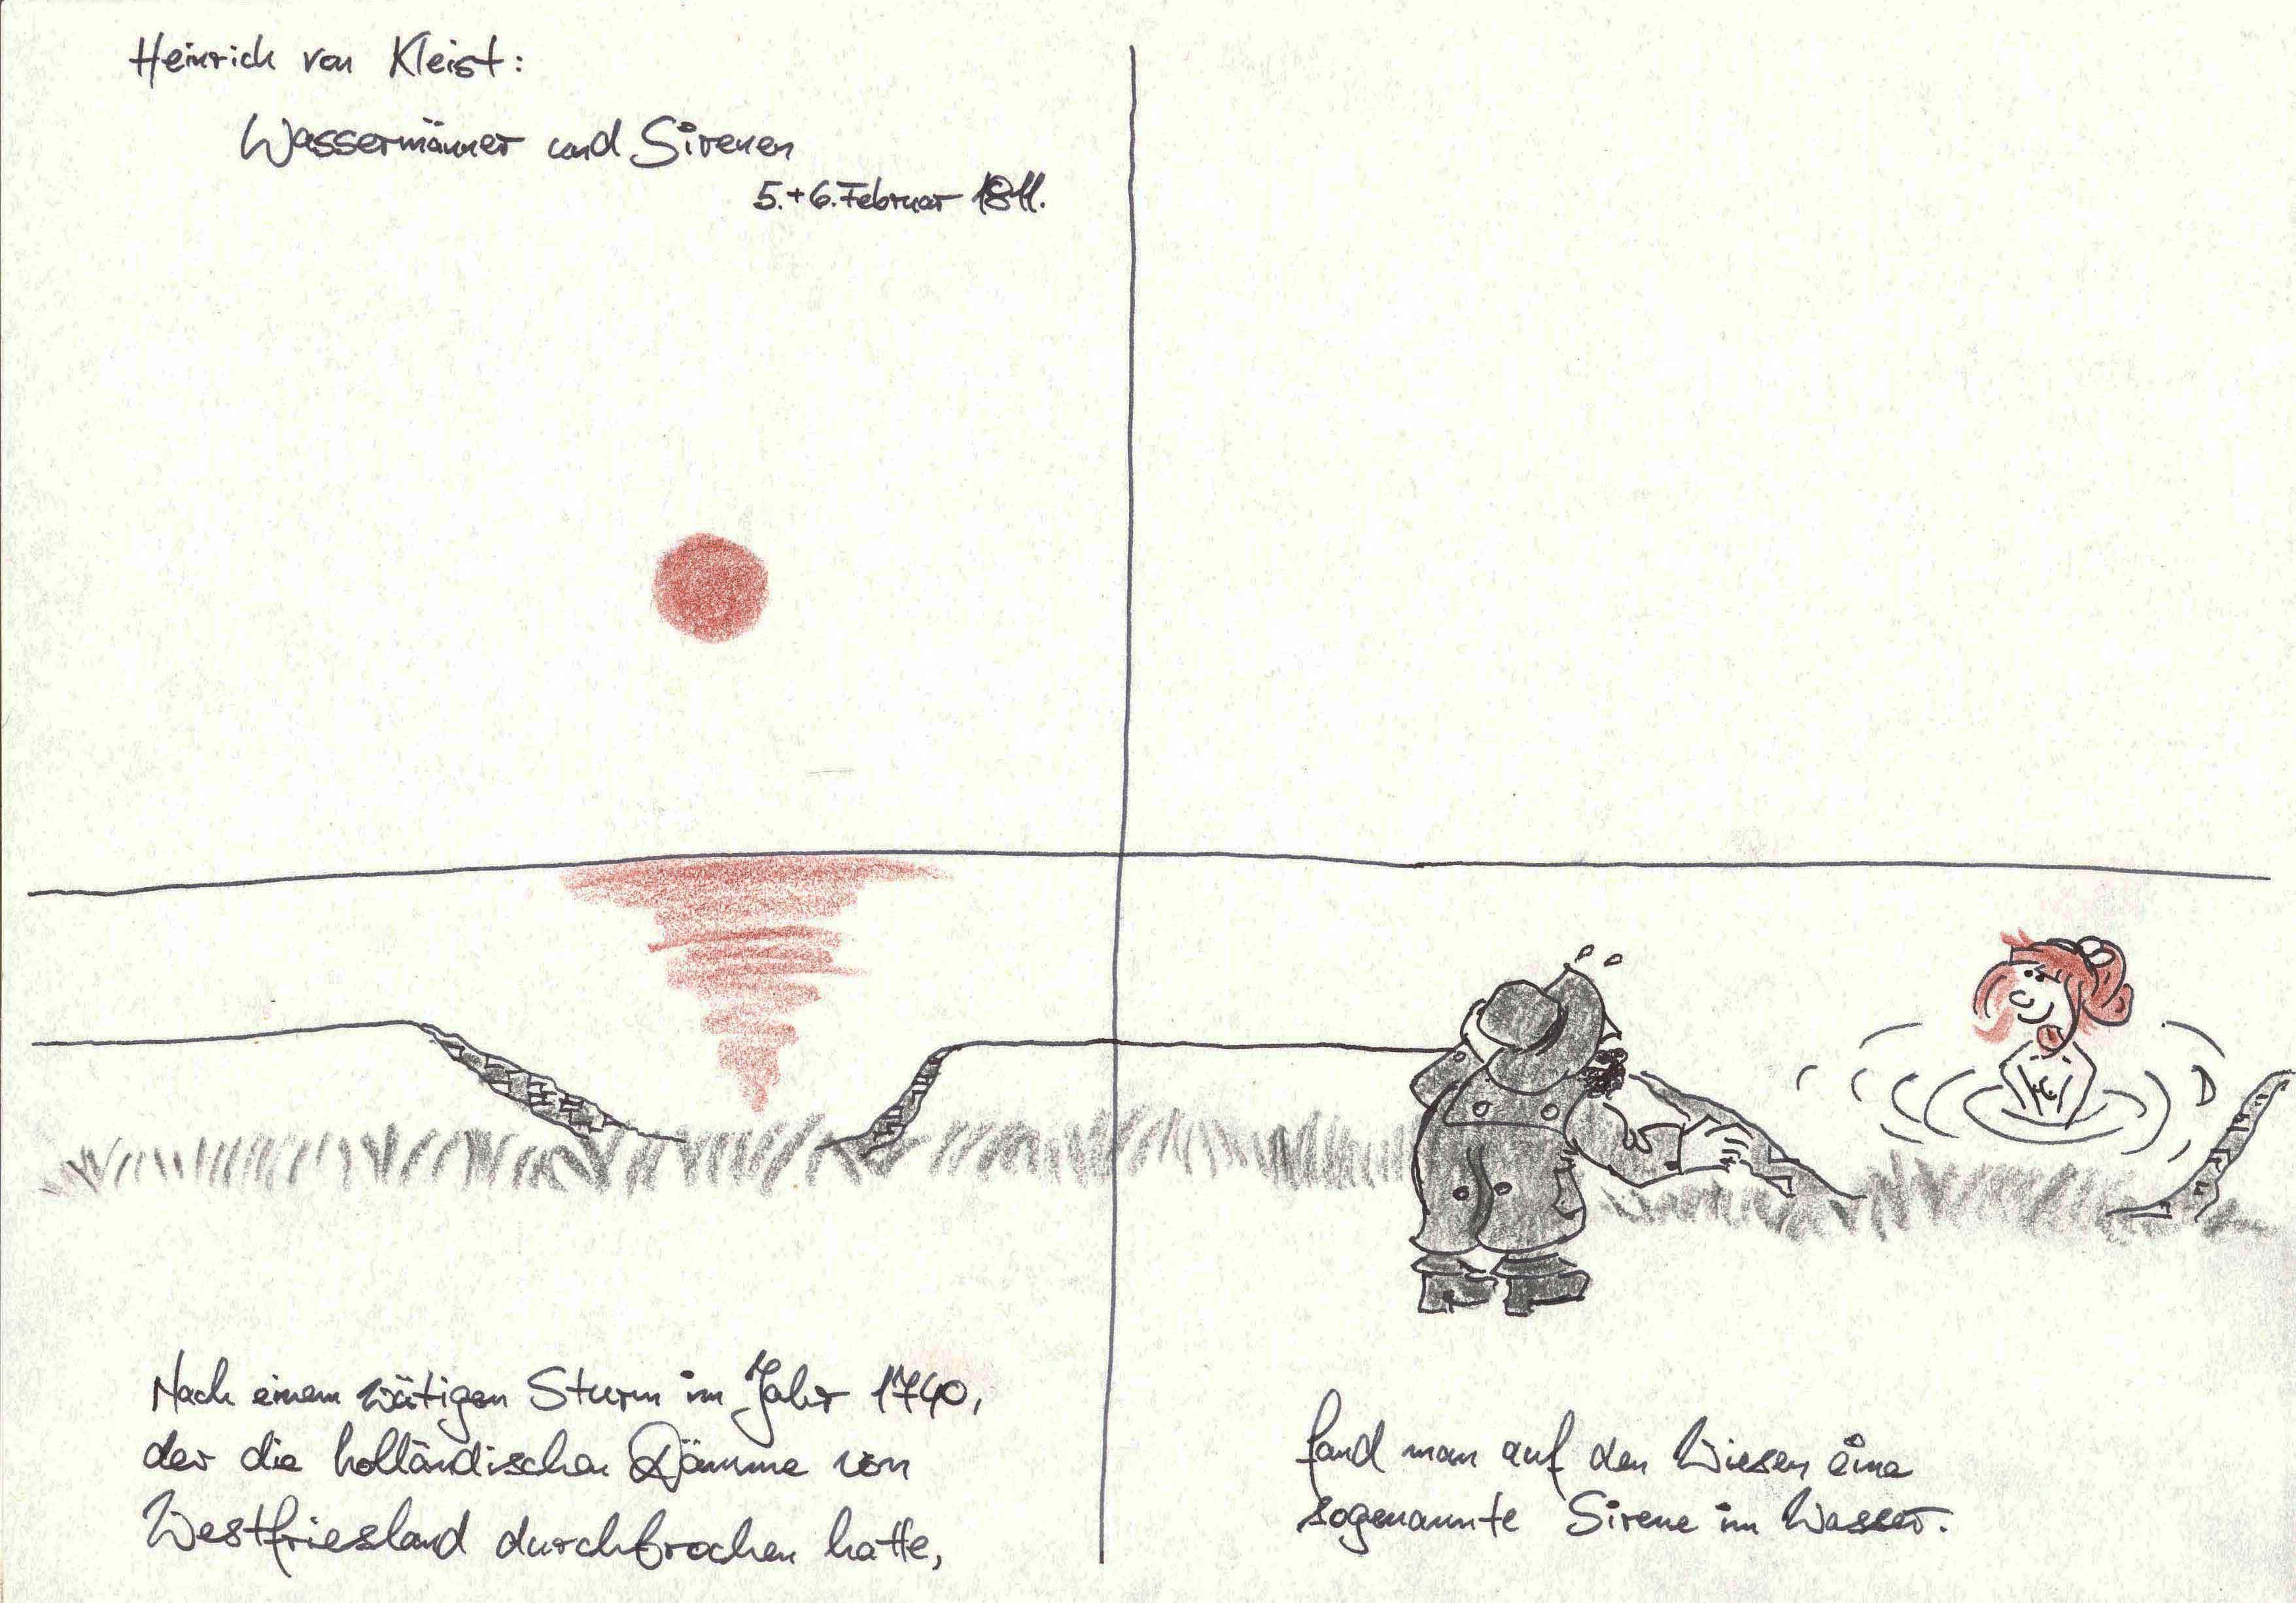 Heinrich von Kleist, Wassermänner und Sirenen, Teil 1 von 5